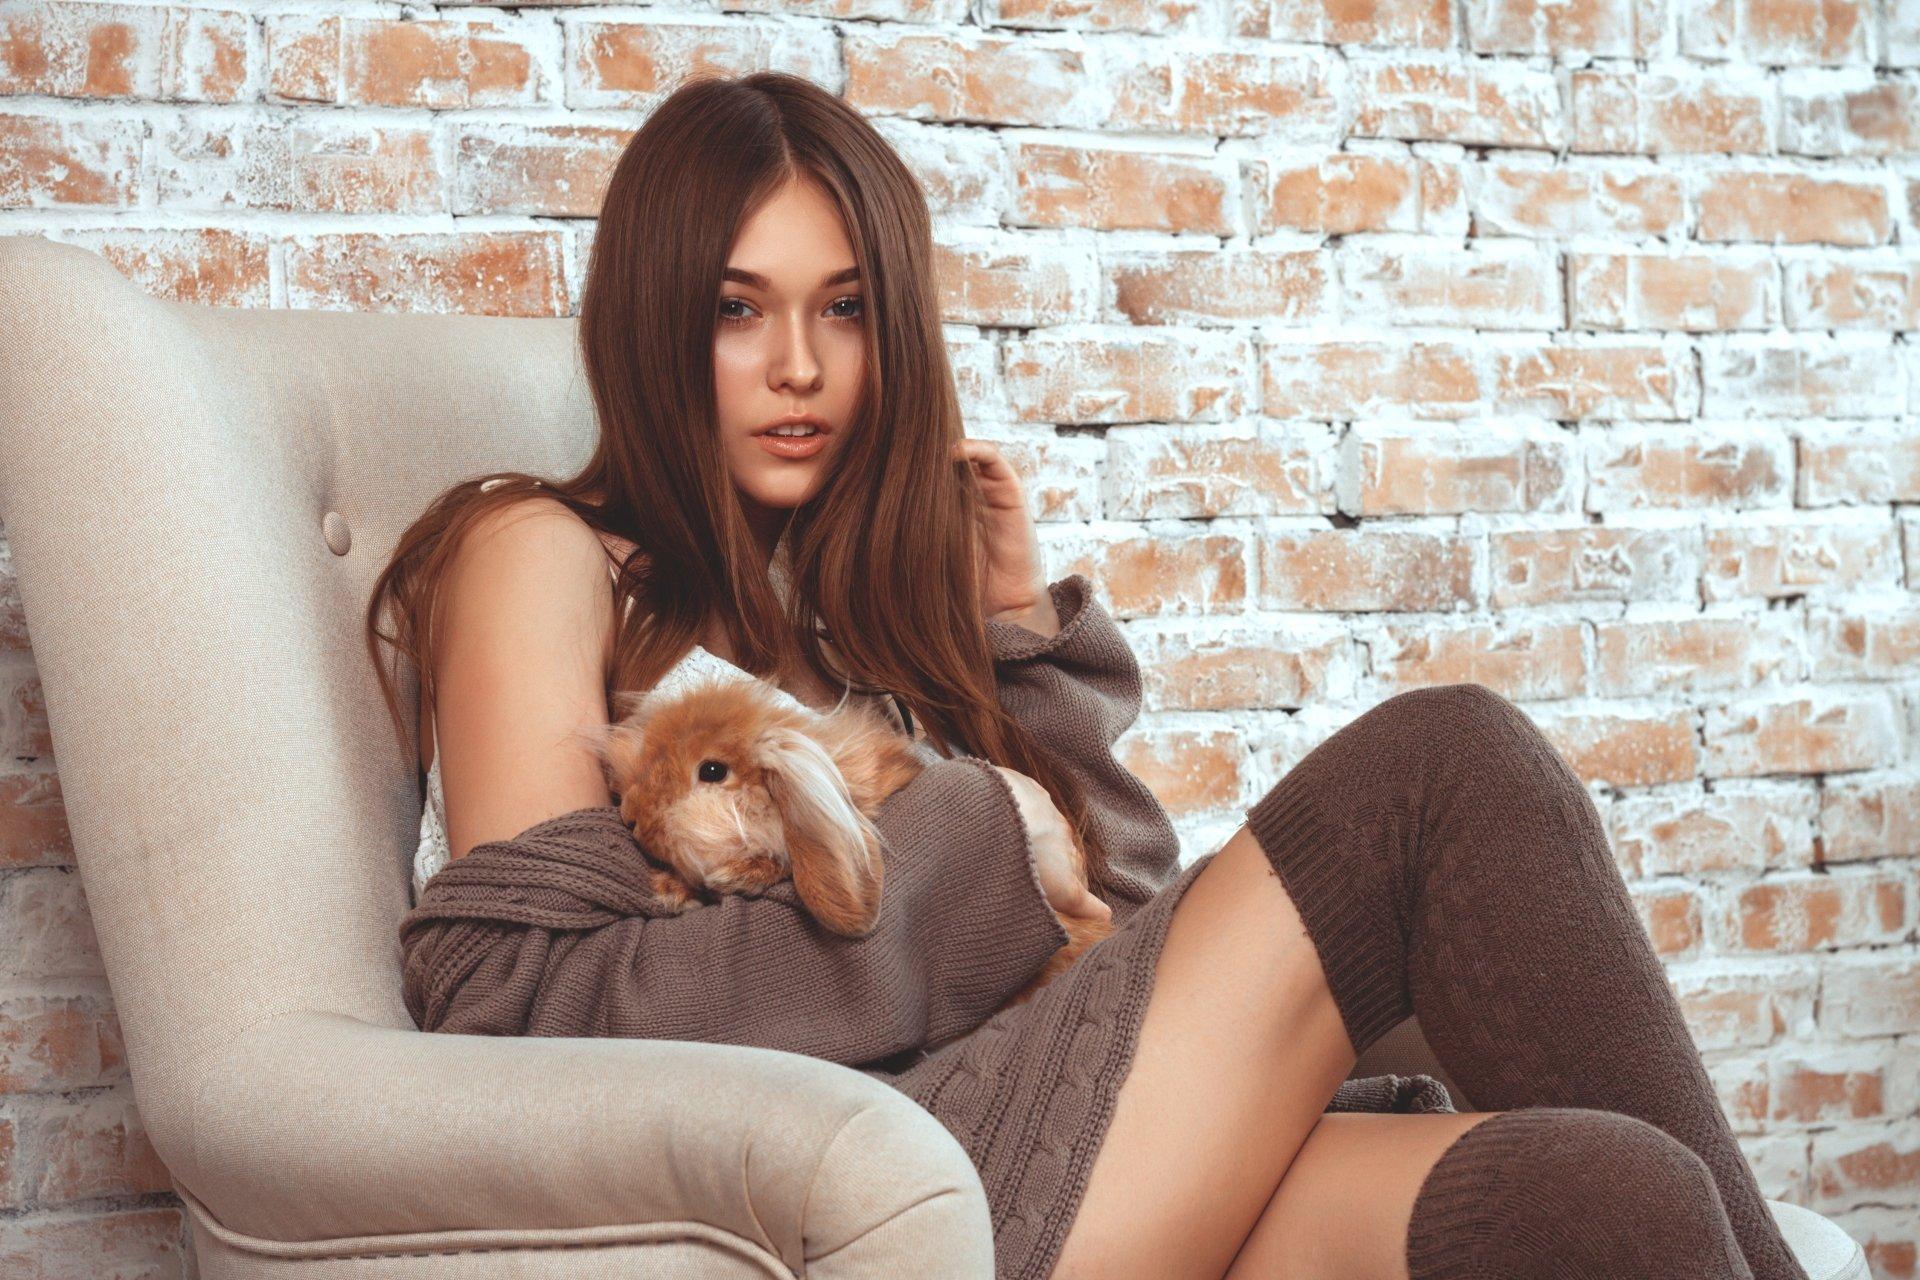 Women - Model  Brunette Bunny Socks Rabbit Brick Woman Girl Wallpaper